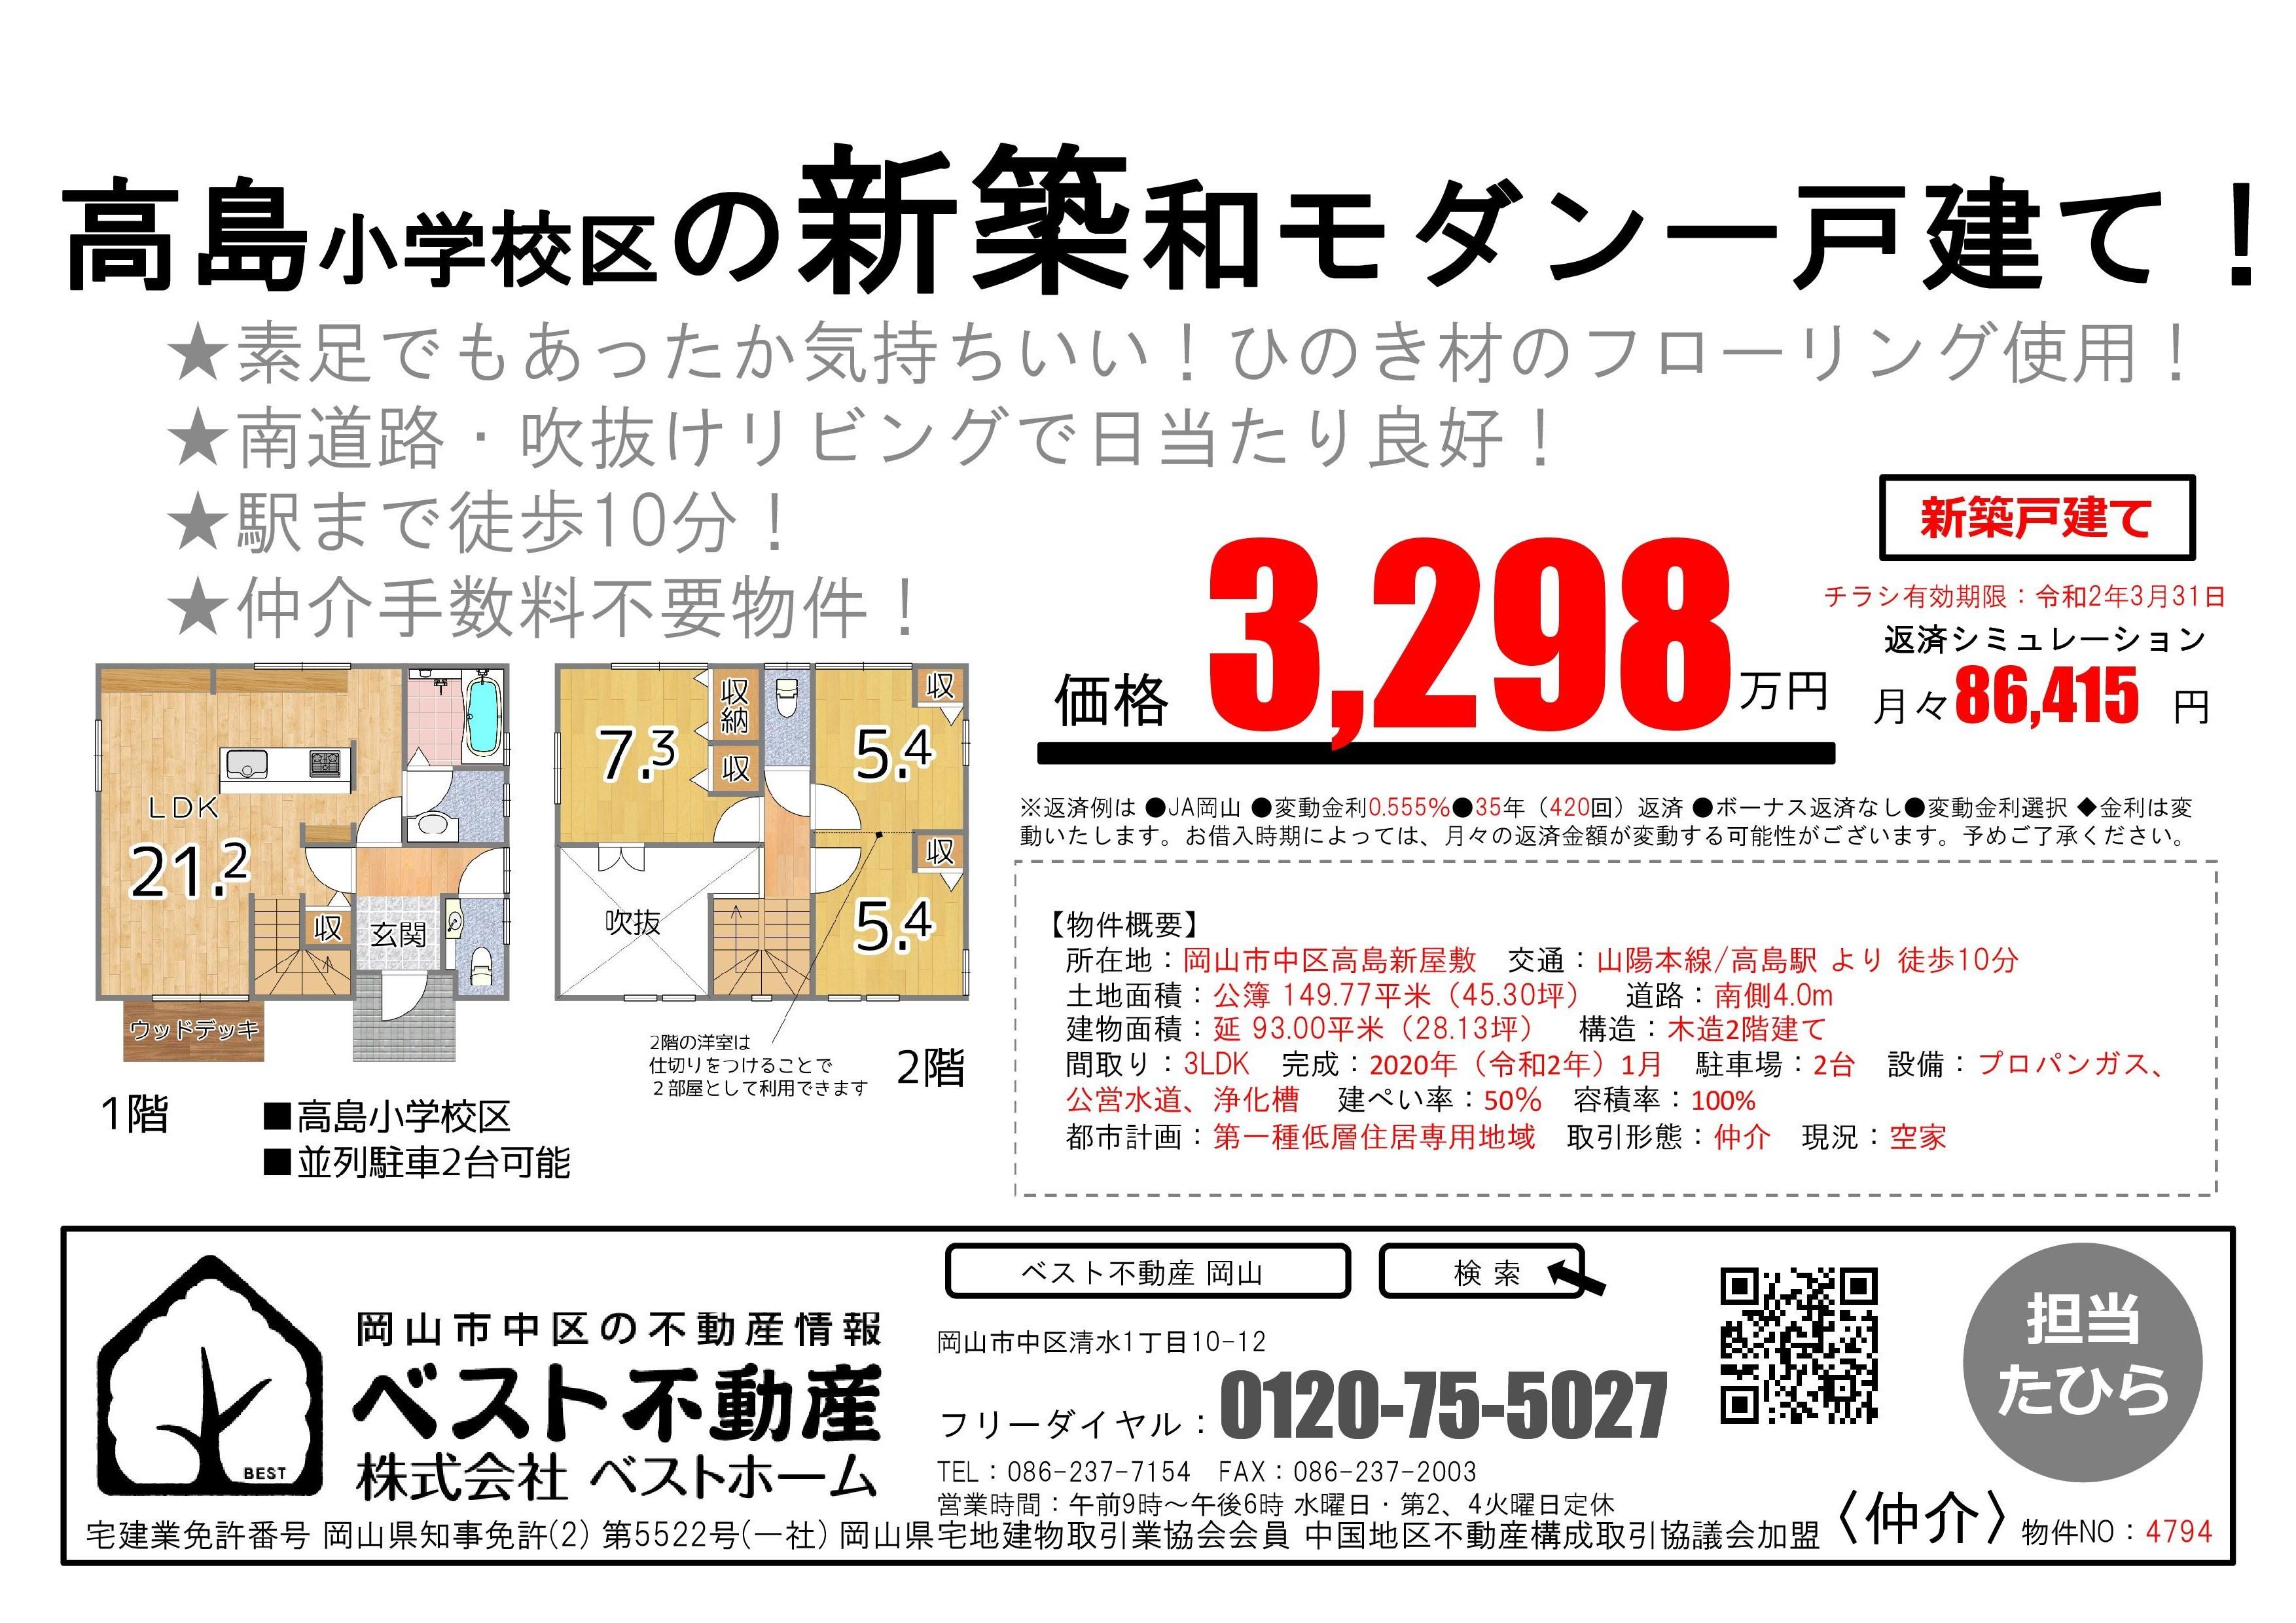 高島新屋敷3298万円